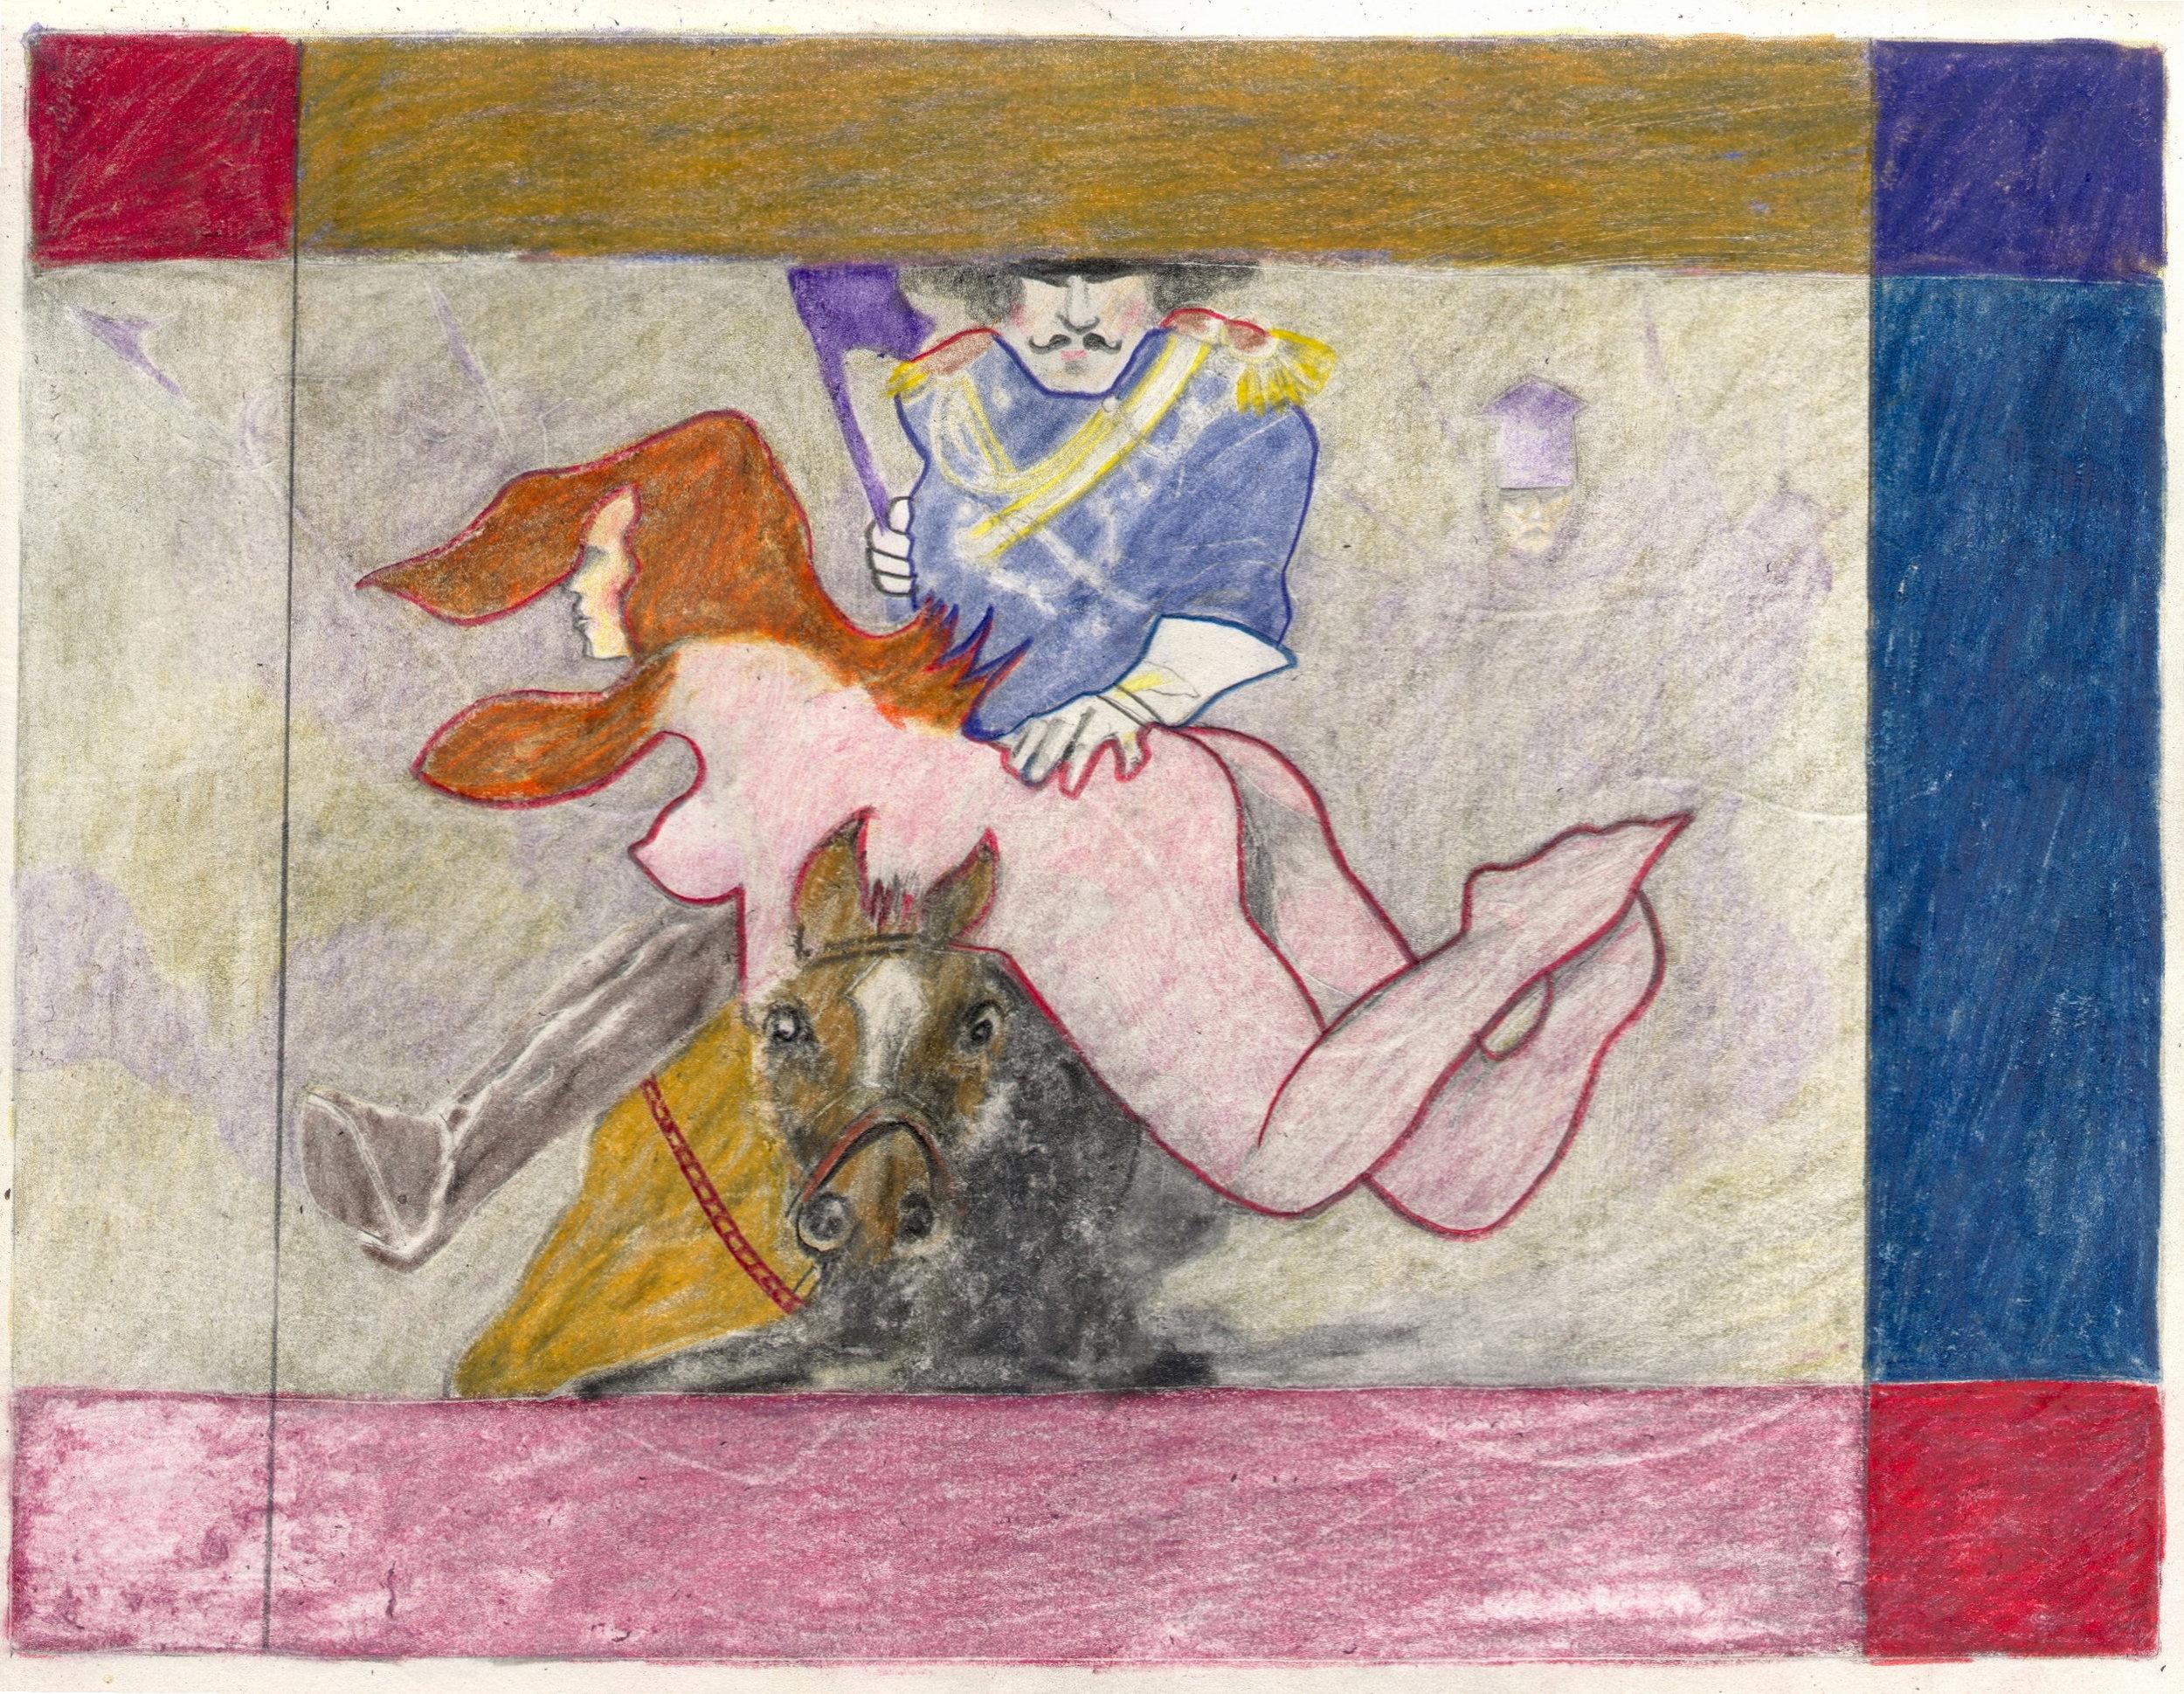 O.T. ( Serie Fantasy XII Boris Vallejo Paraphrase sw ), 2018  Bleistift Buntstift auf Papier, 26x35.5cm